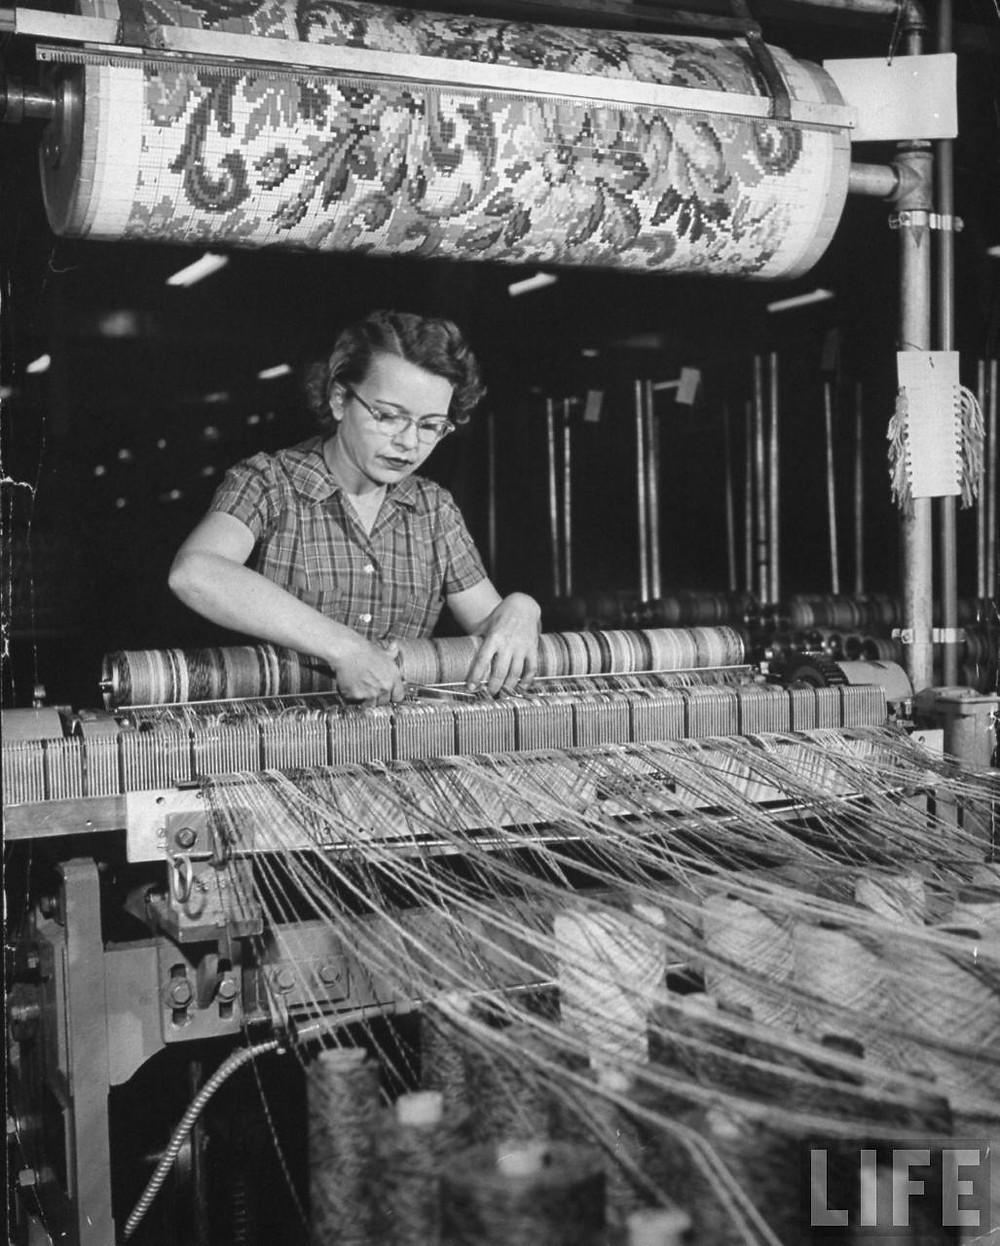 Килими за способом виробництва |КилимКо Хмельницький|чистка килимів|Хімчистка килмів|пральня килимів